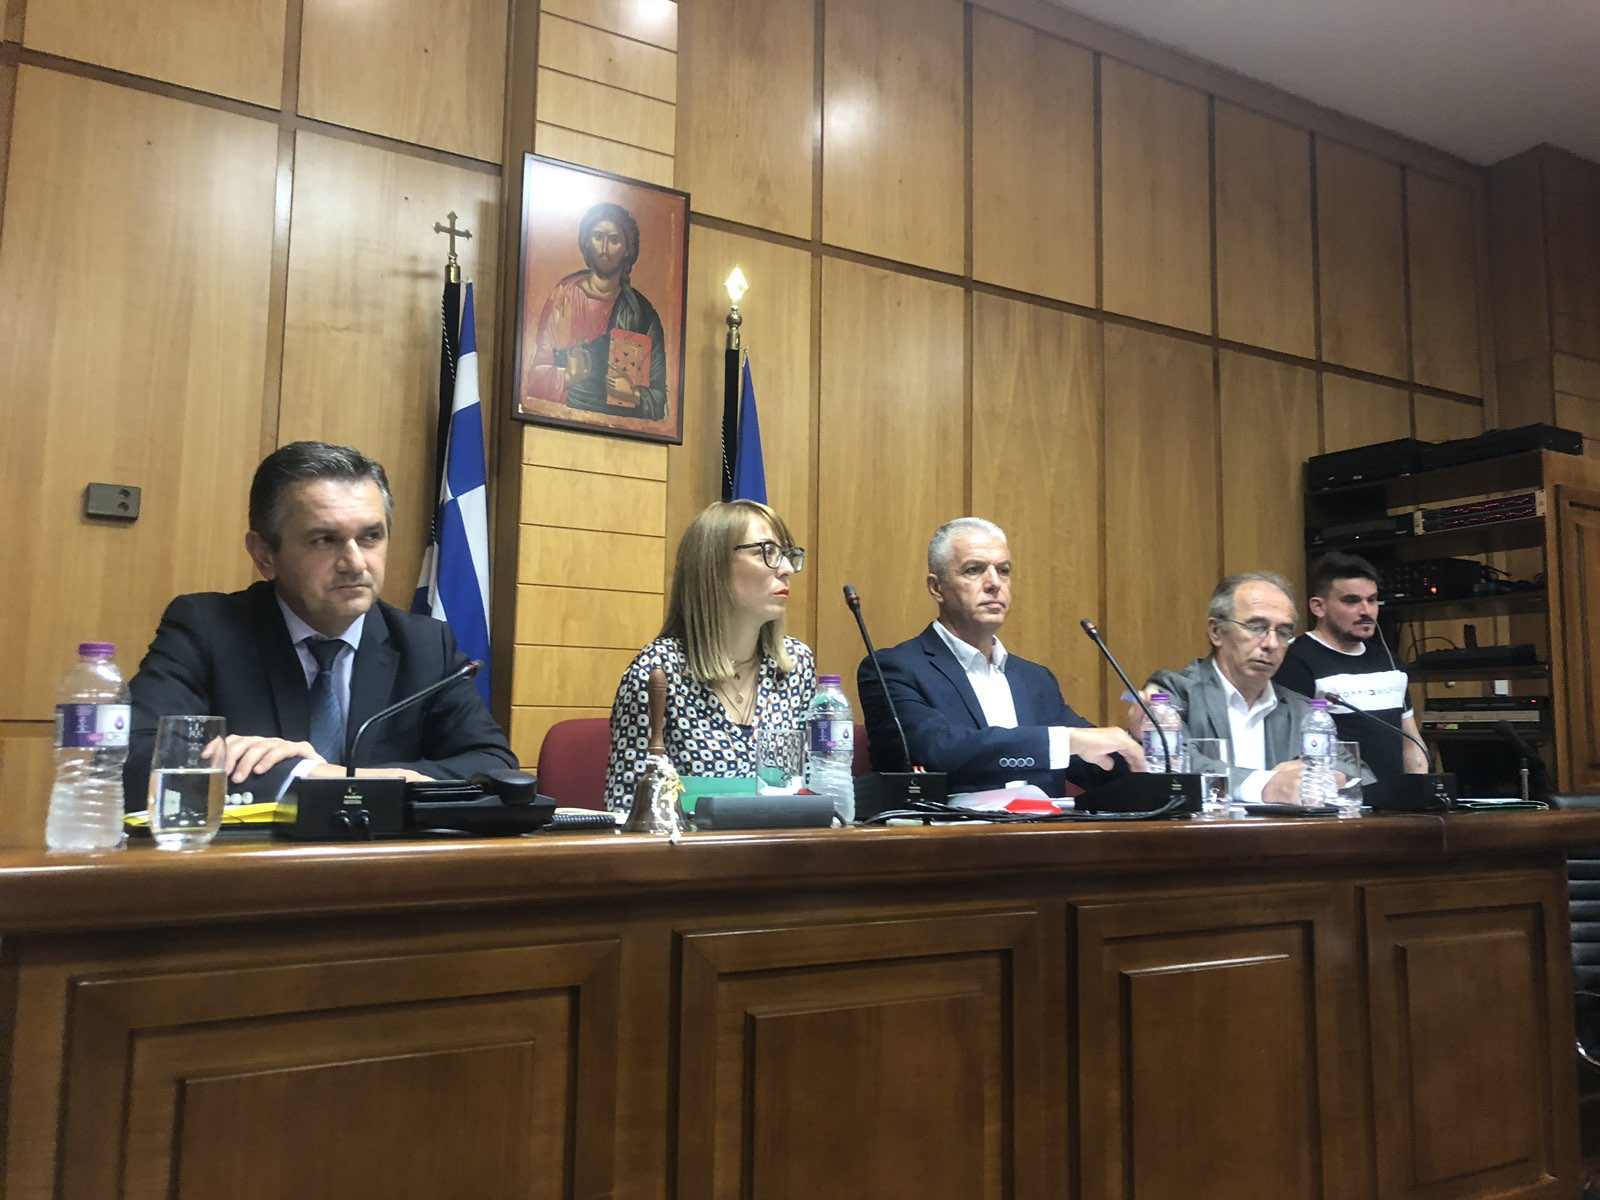 Συνεδριάζει το Περιφερειακό Συμβούλιο Δυτικής Μακεδονίας, την Τρίτη 18 Μαΐου και ώρα 16.00